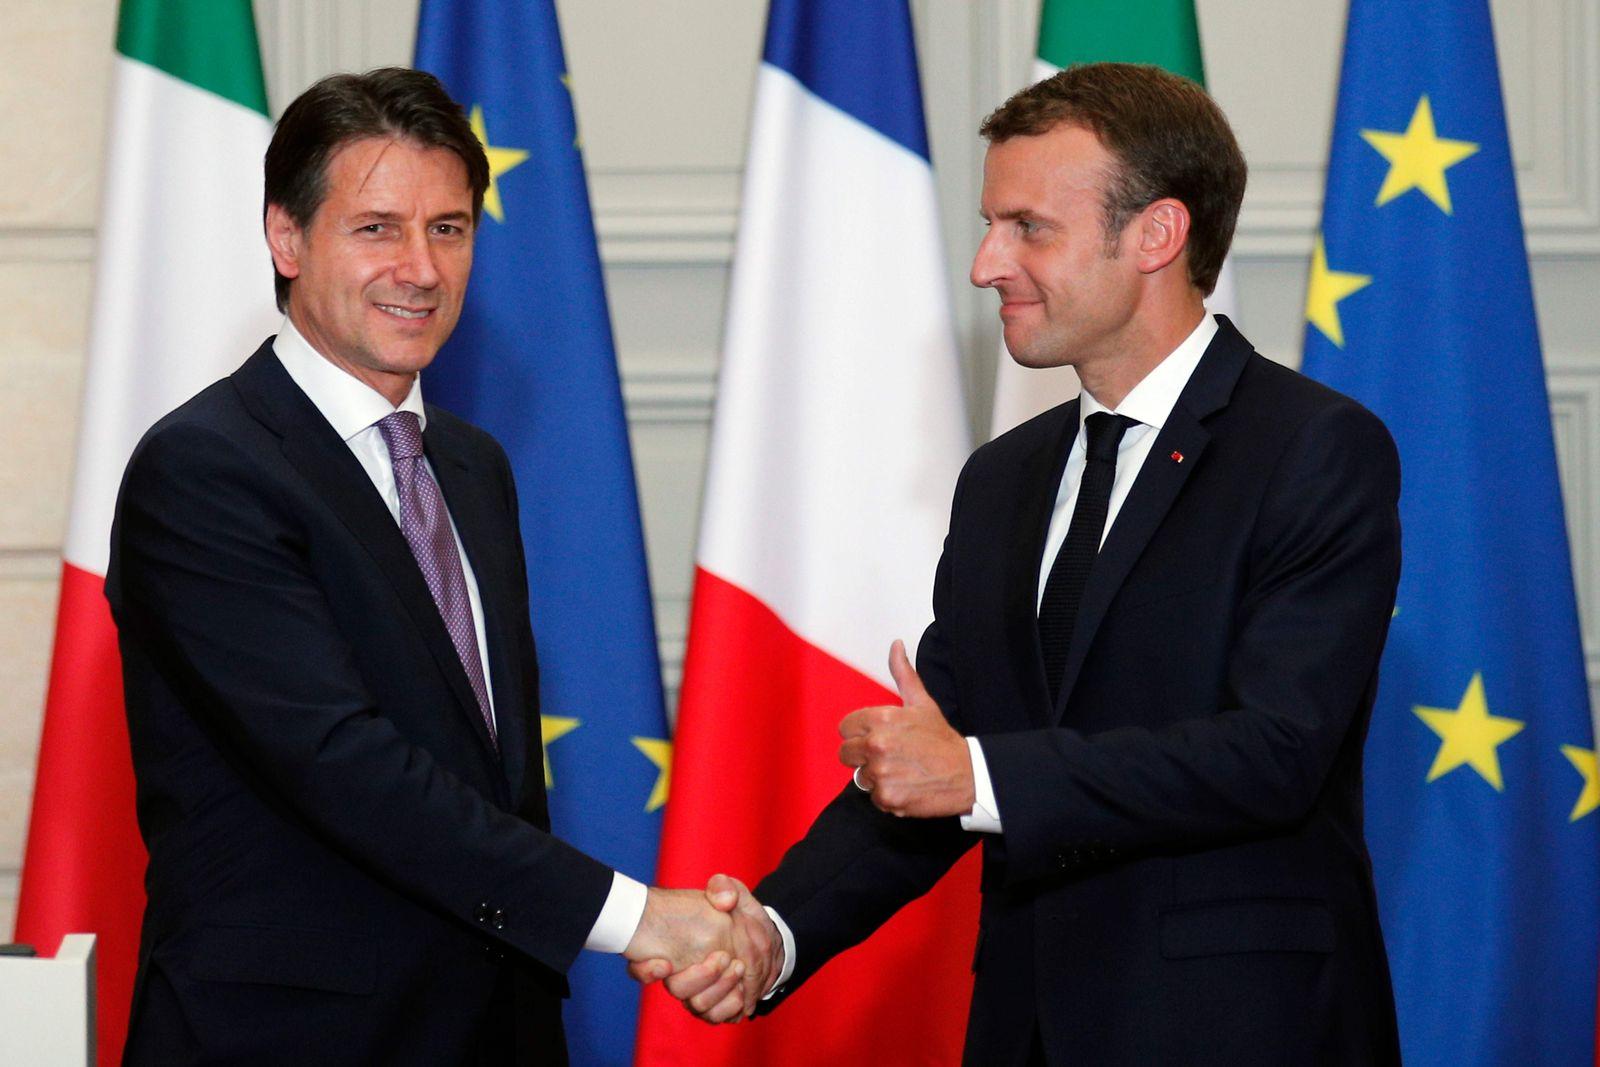 TOPSHOT-FRANCE-ITLAY-DIPLOMACY